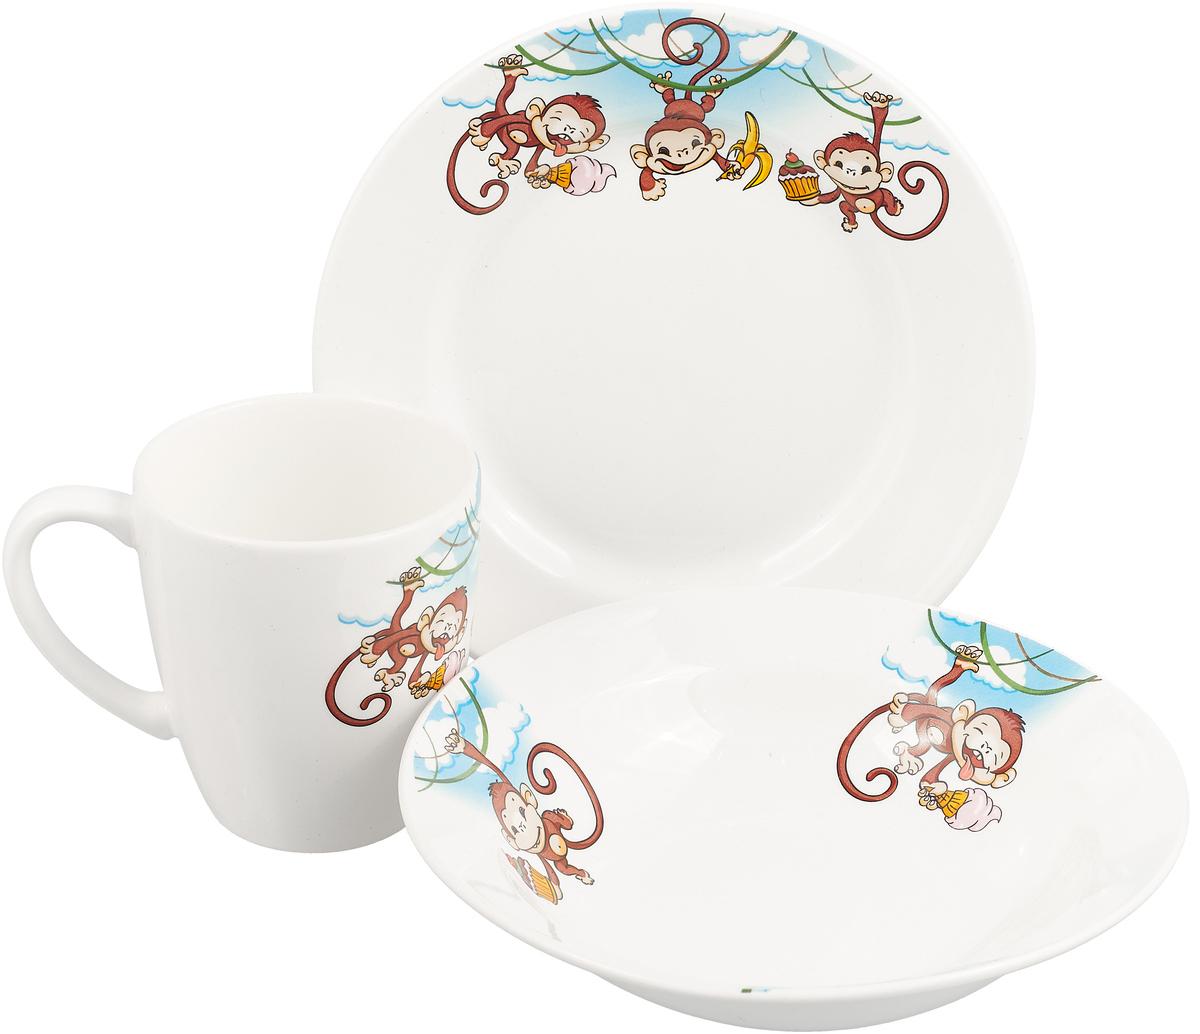 Кубаньфарфор Набор посуды для кормления Обезьянки 3 предмета вид 2 -  Все для детского кормления